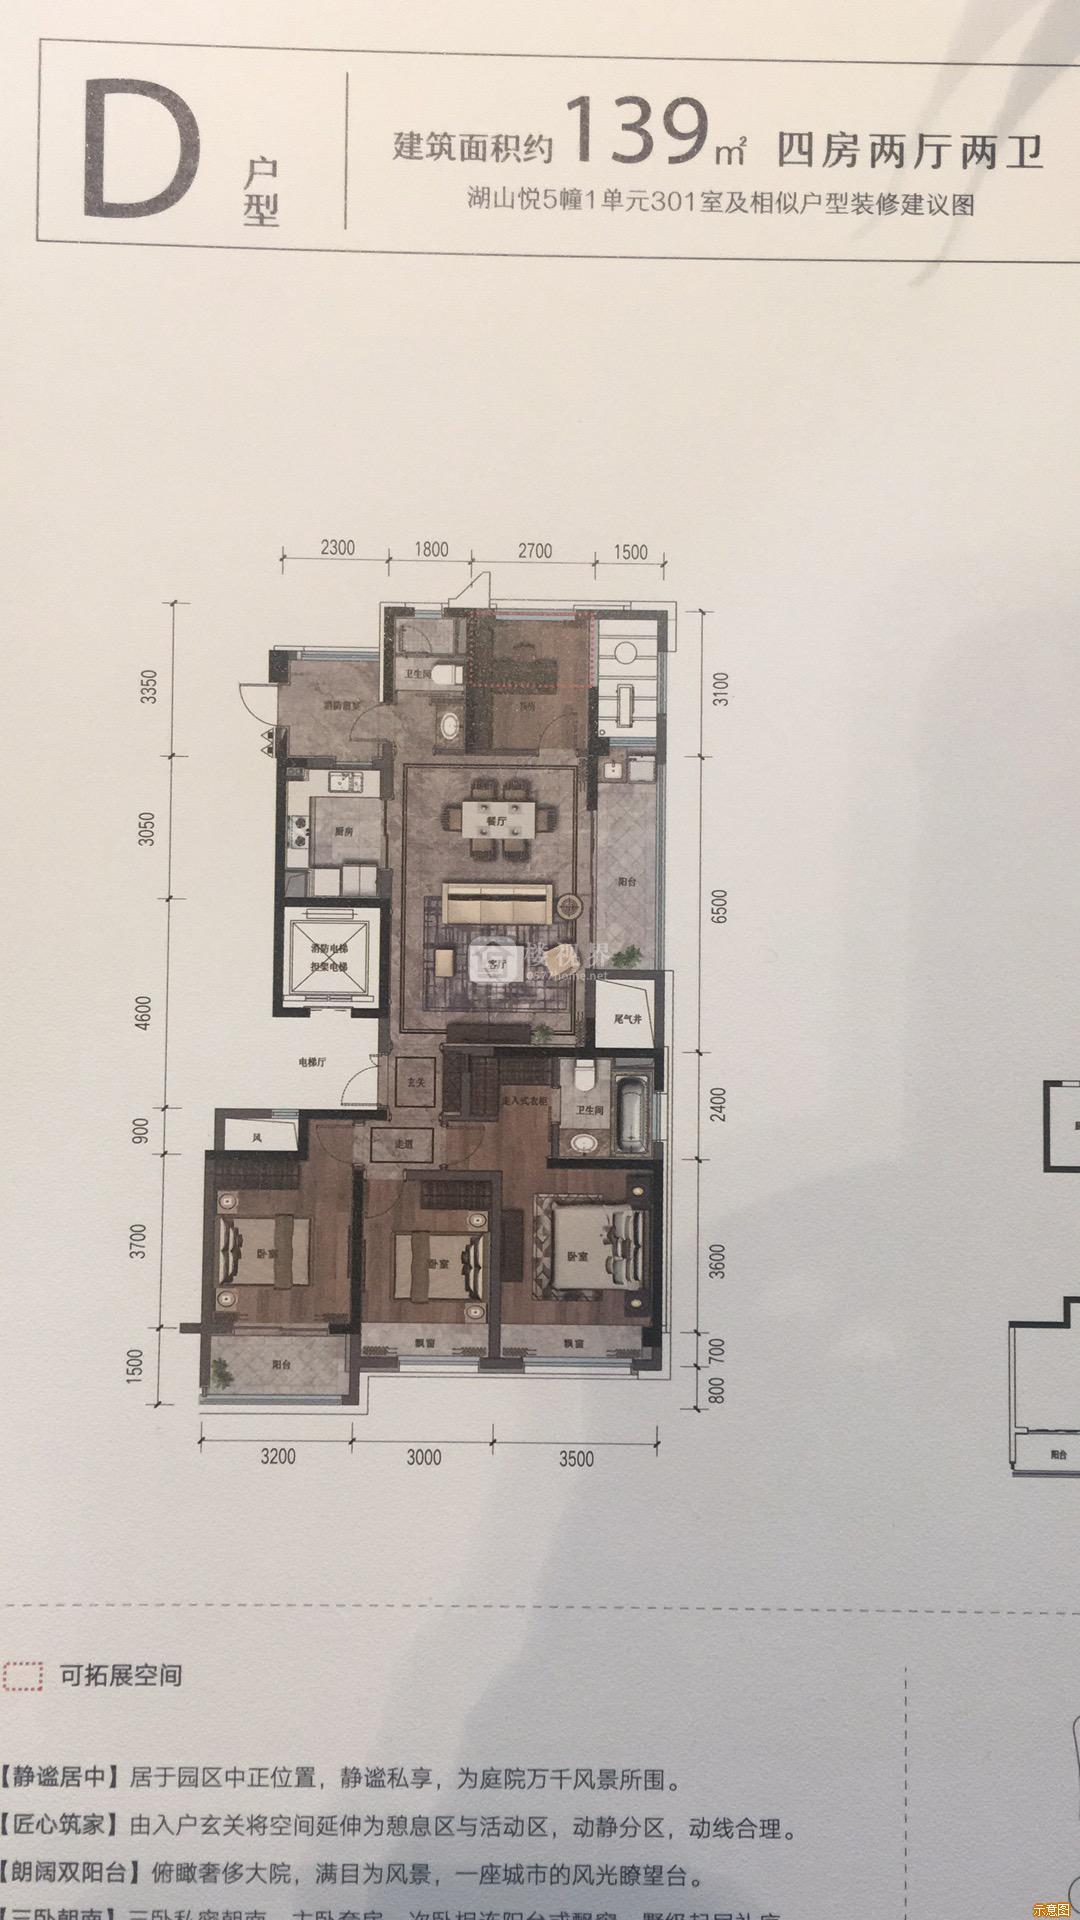 D:4室2厅2卫    面积大小:约139.00㎡